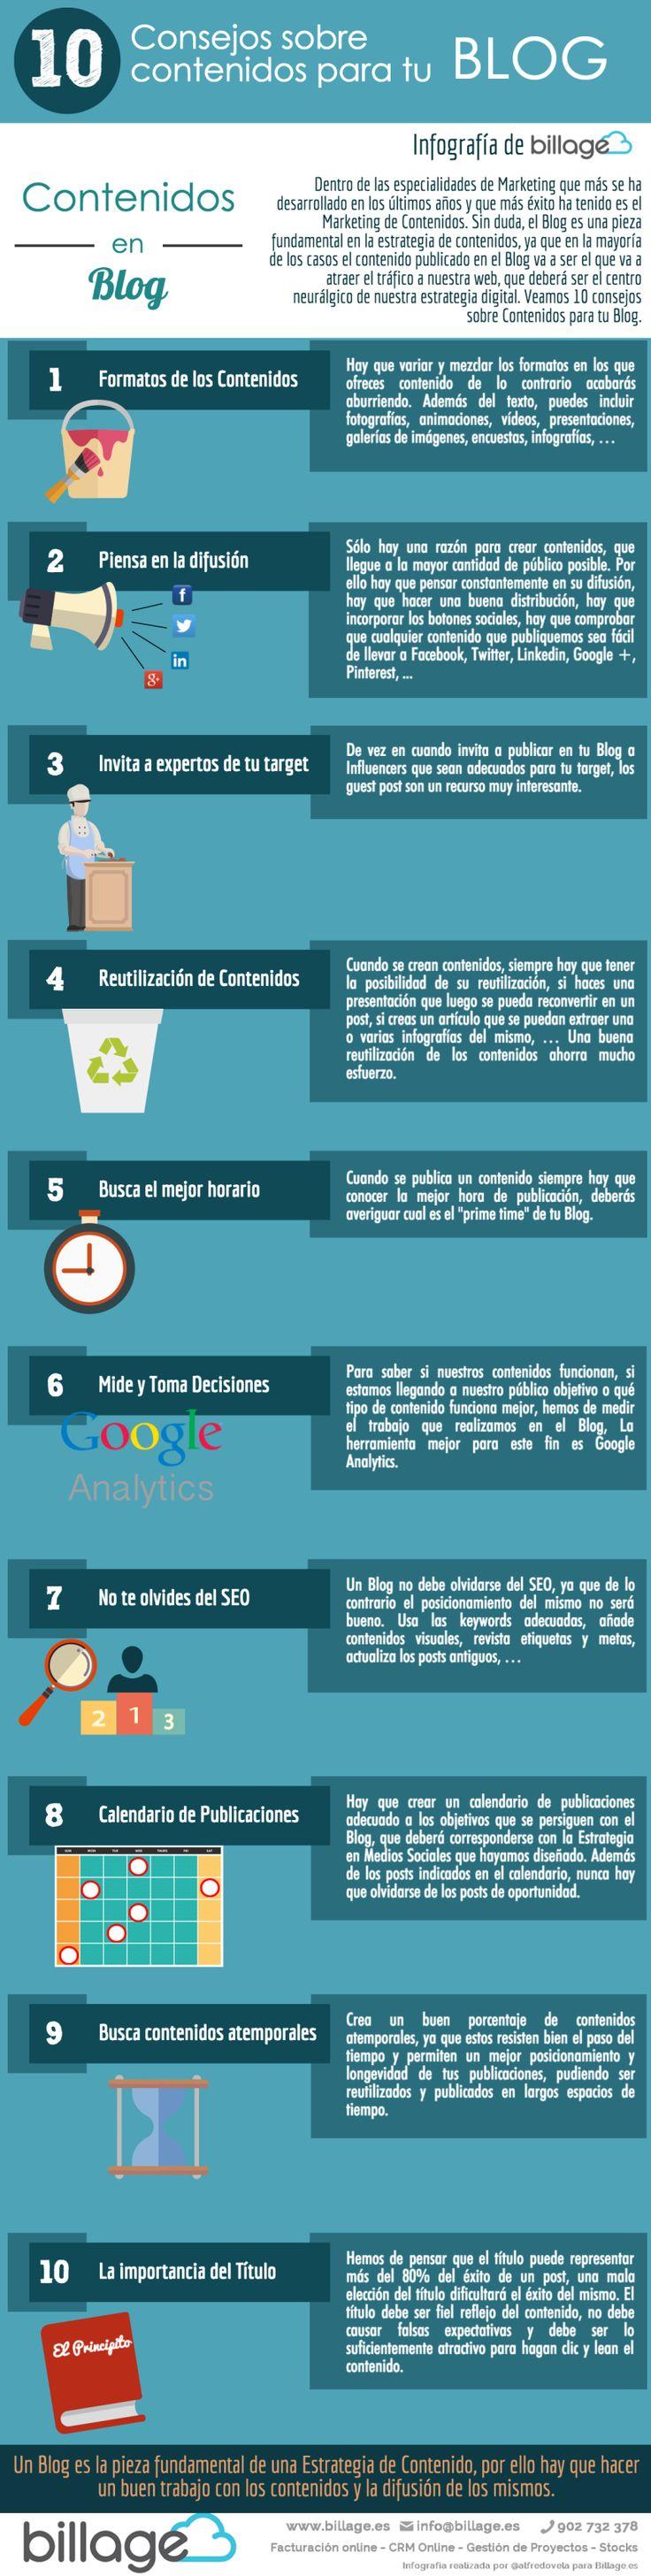 10 consejos sobre contenidos para tu Blog #infografia #infogaphic #socialmedia